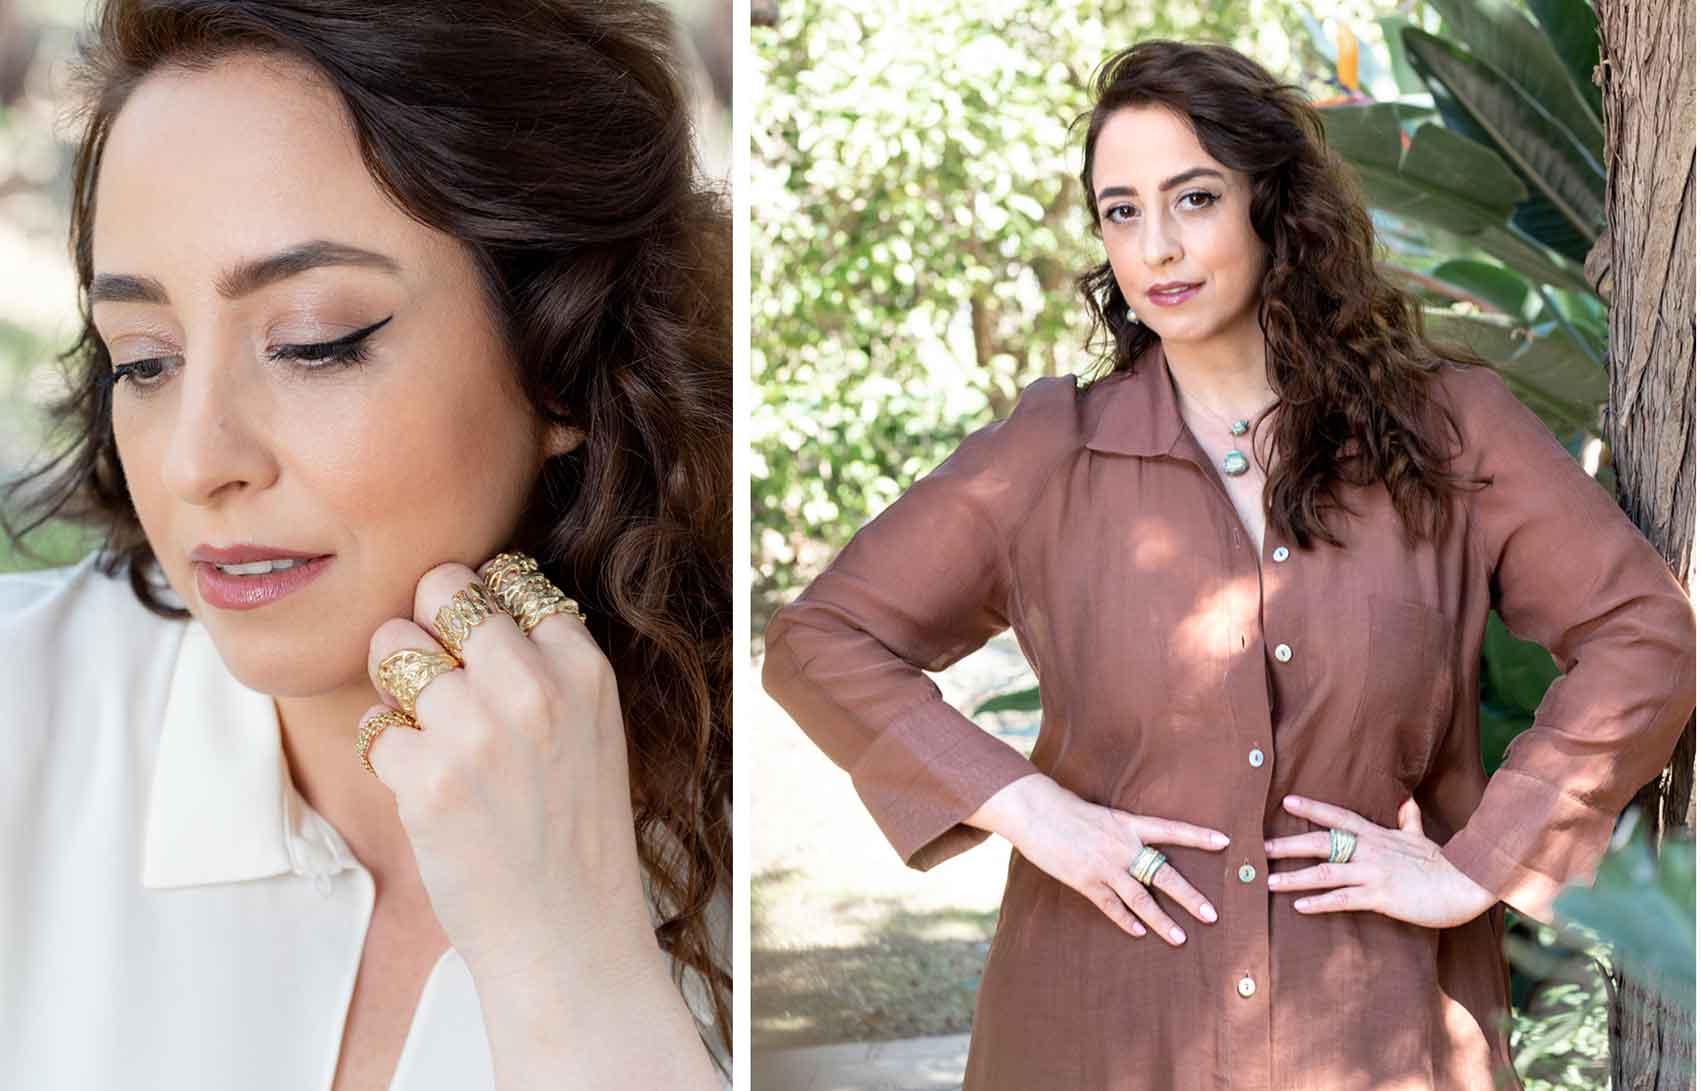 מגזין-אופנה-אונליין-  Anat Eyal Design. טלי ארבל עונדת משמאל את הטבעת המלכותית, צילום: שלי פדן-לורבר